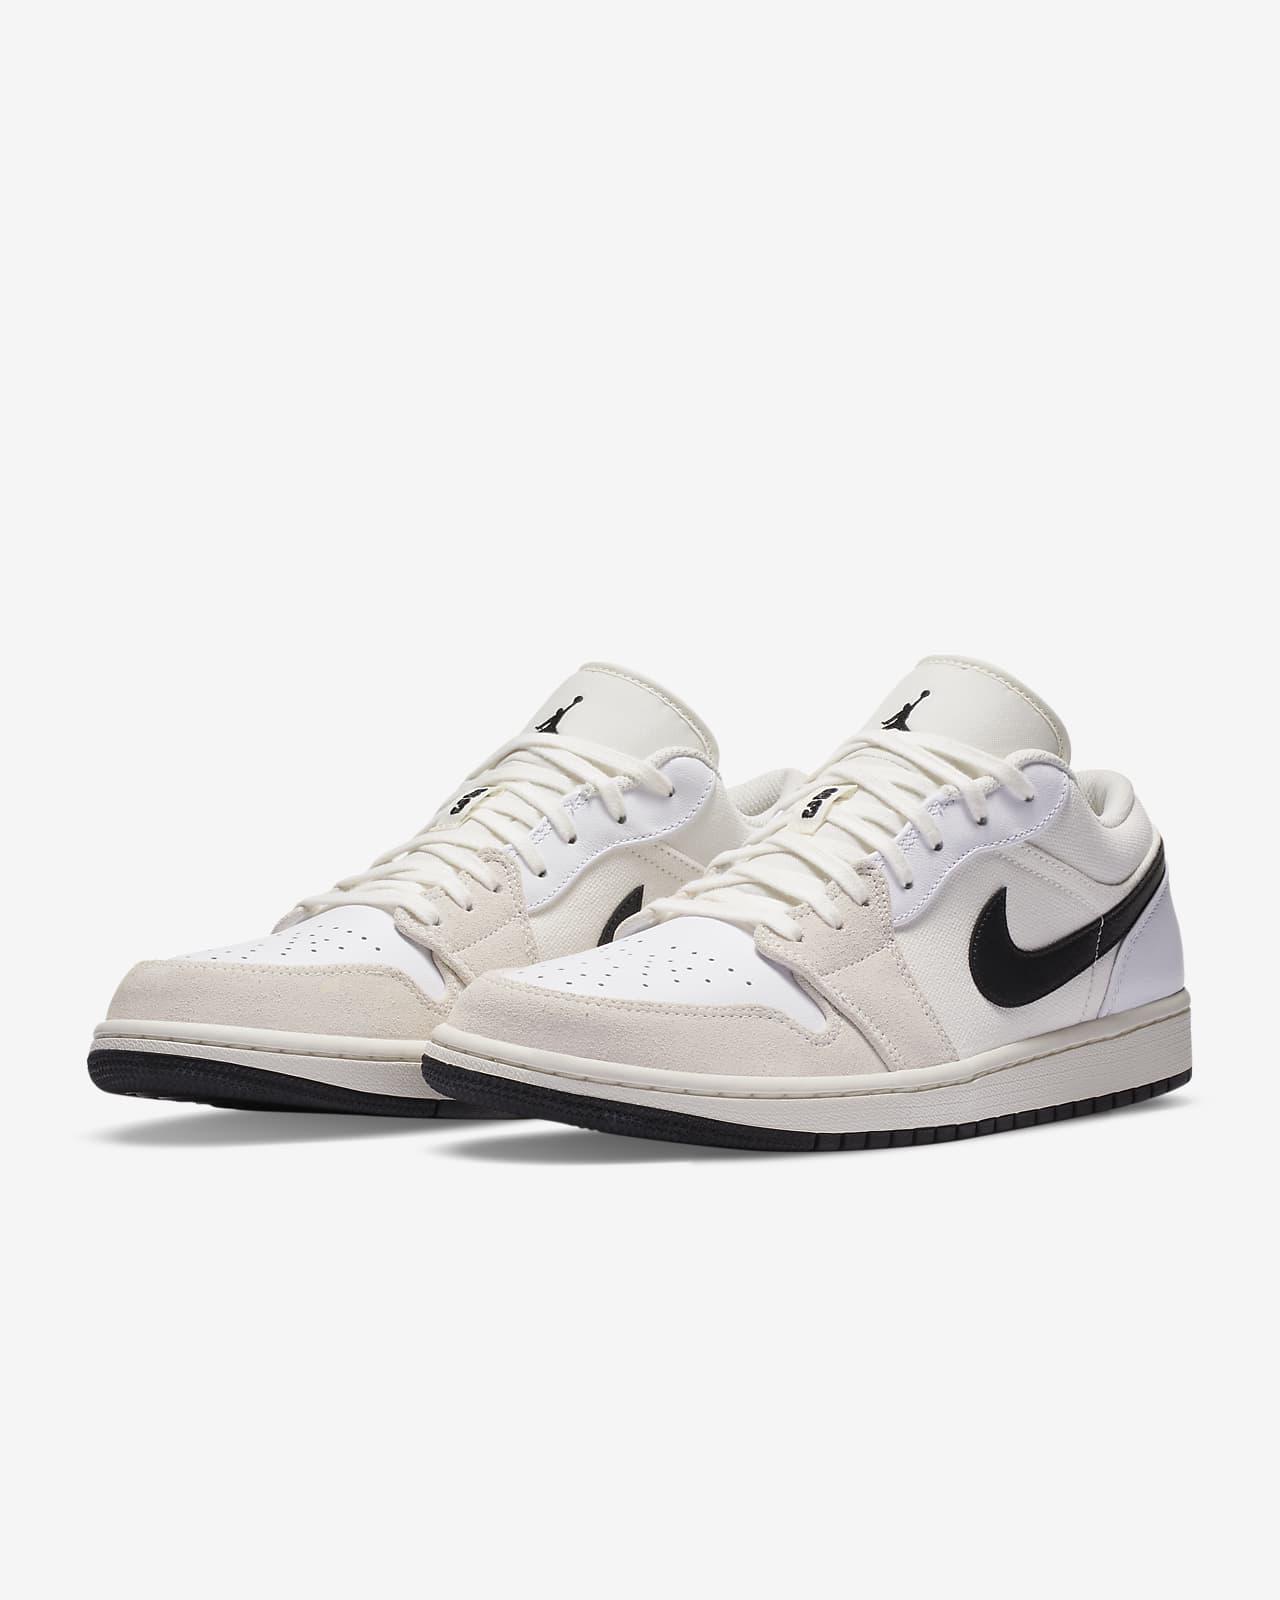 Air Jordan 1 Low Premium Men's Shoe